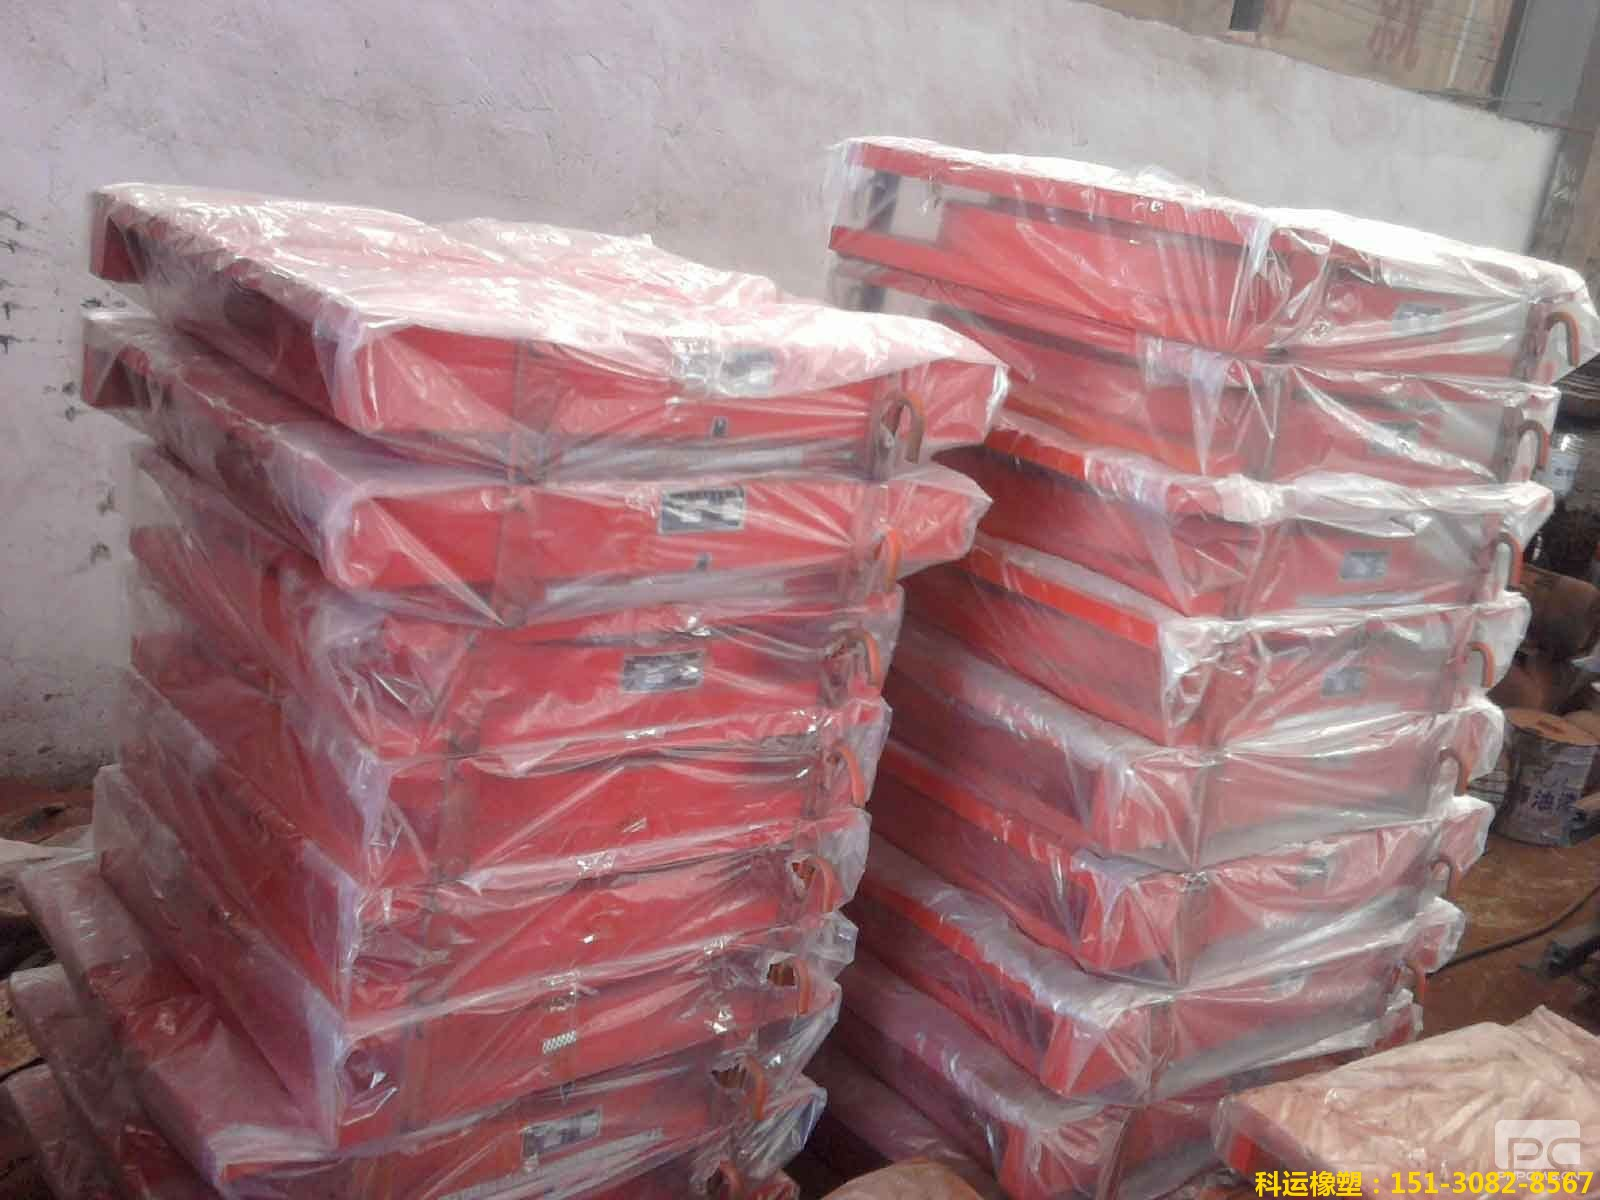 桥梁盆式橡胶支座的质量缺陷和检测预防措施1